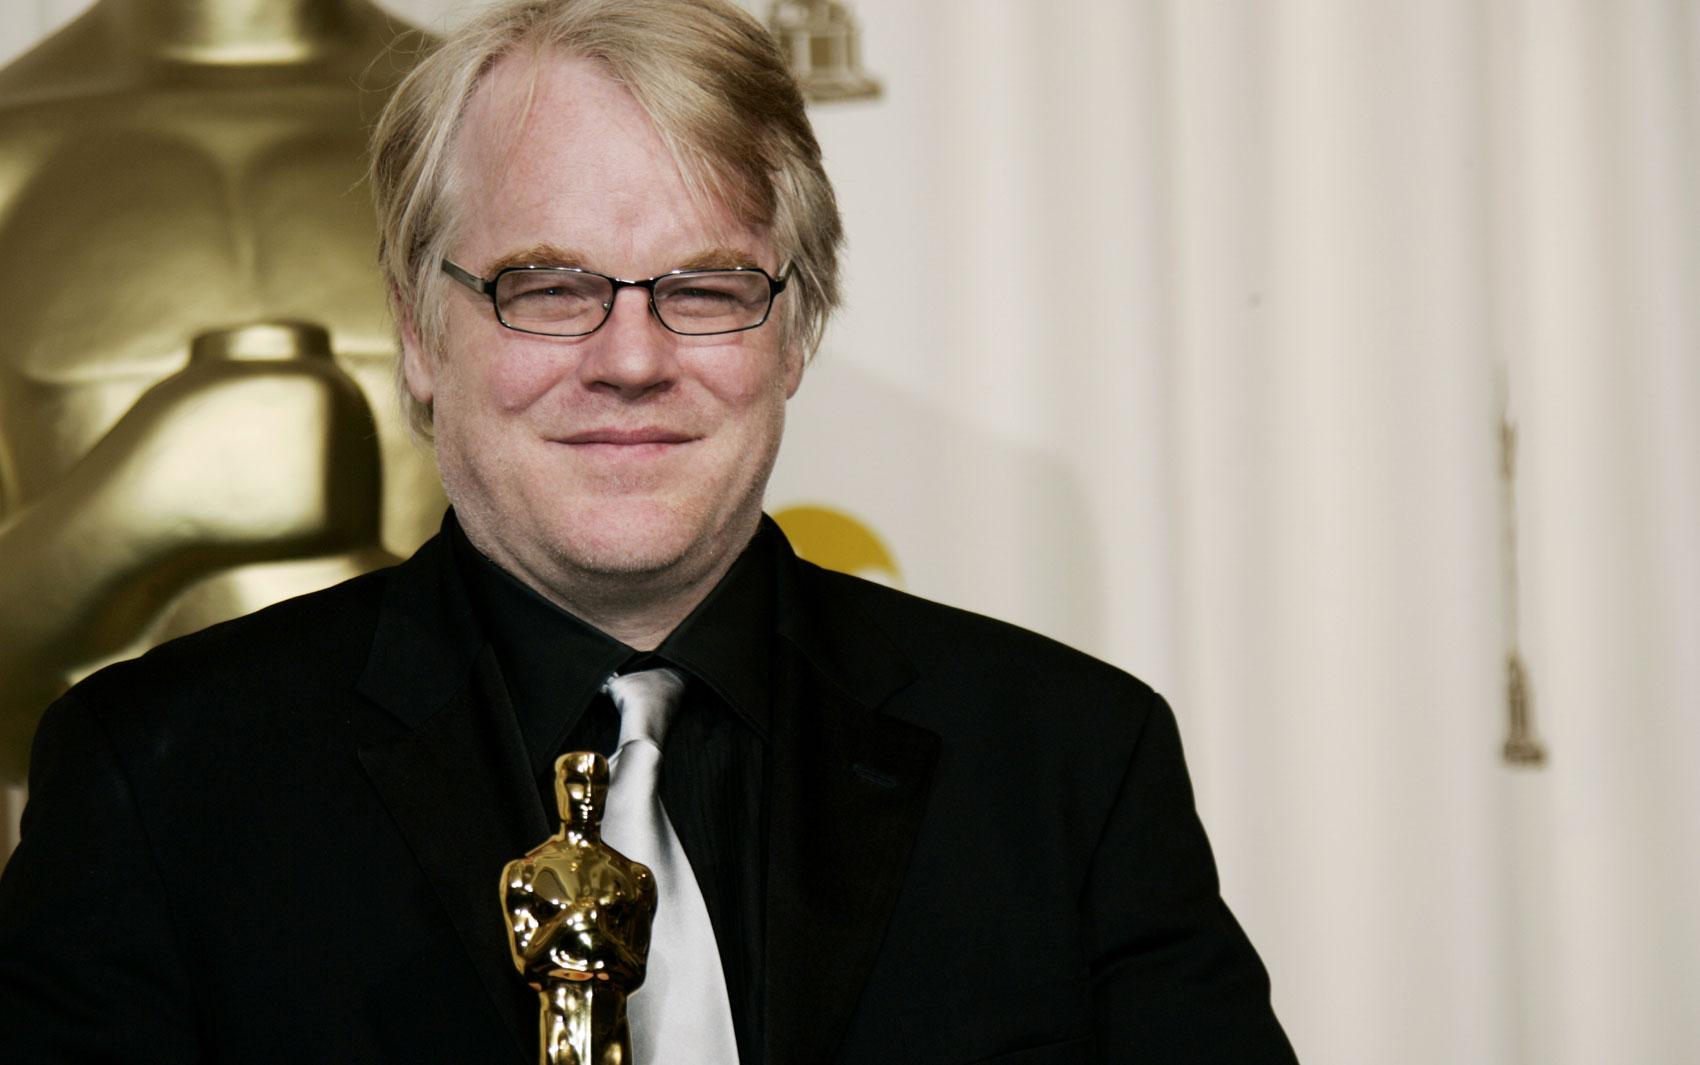 O ator Philip Seymour Hoffman durante a premiação do Oscar em 2006 em que levou a estatueta pela interpretação em 'Capote'.